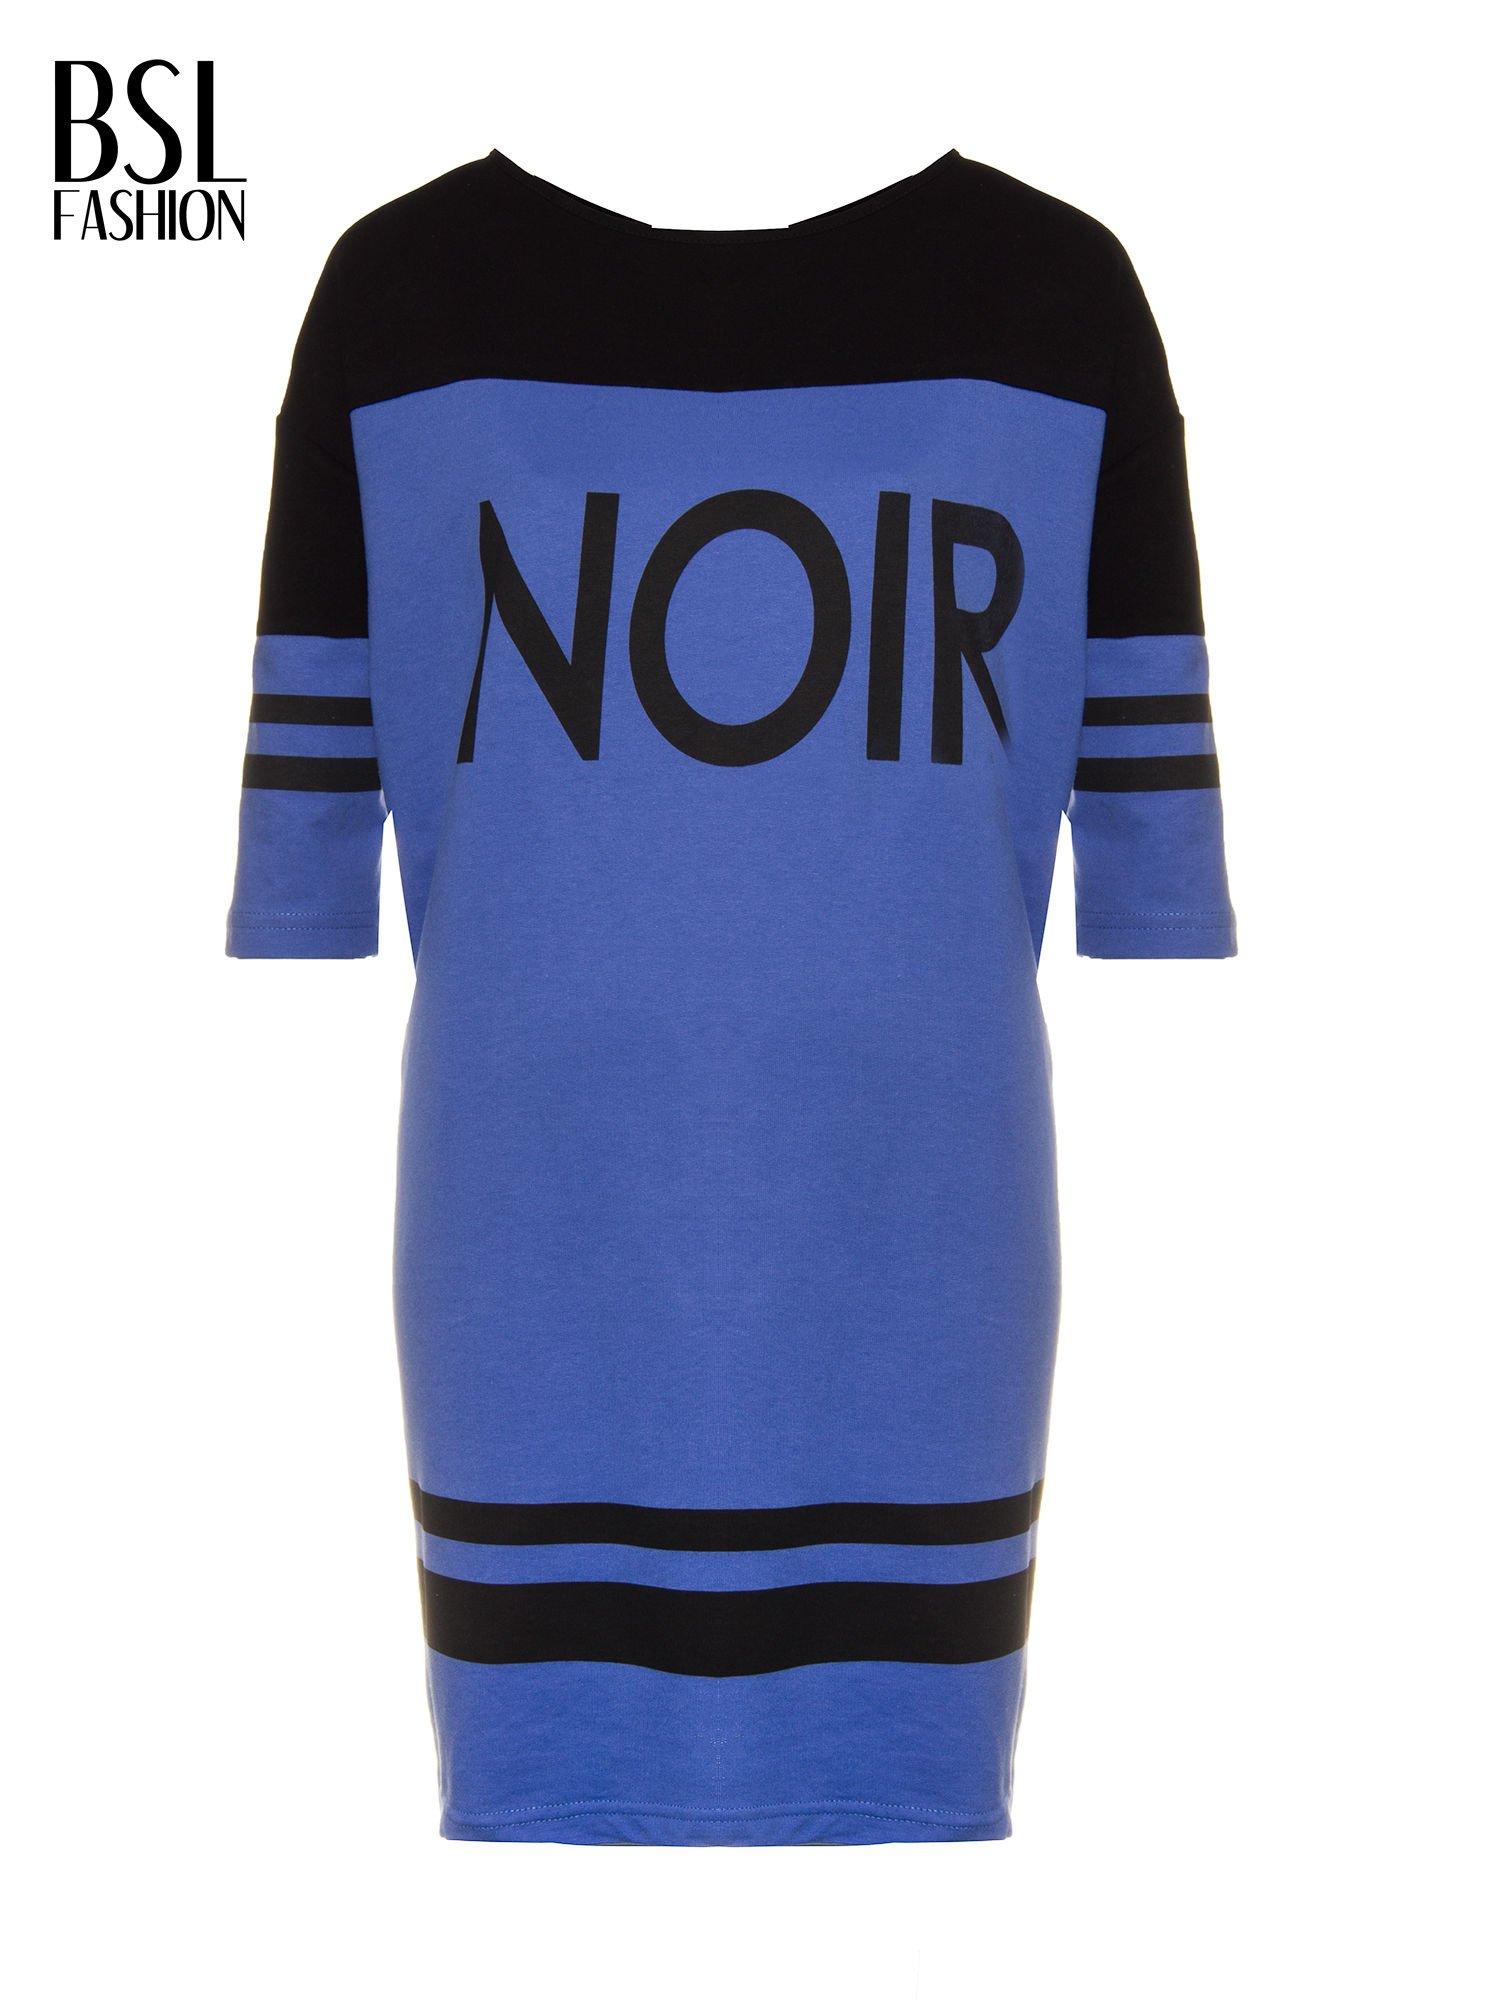 Fioletowa sukienka z napisem NOIR w stylu sportowym                                  zdj.                                  5